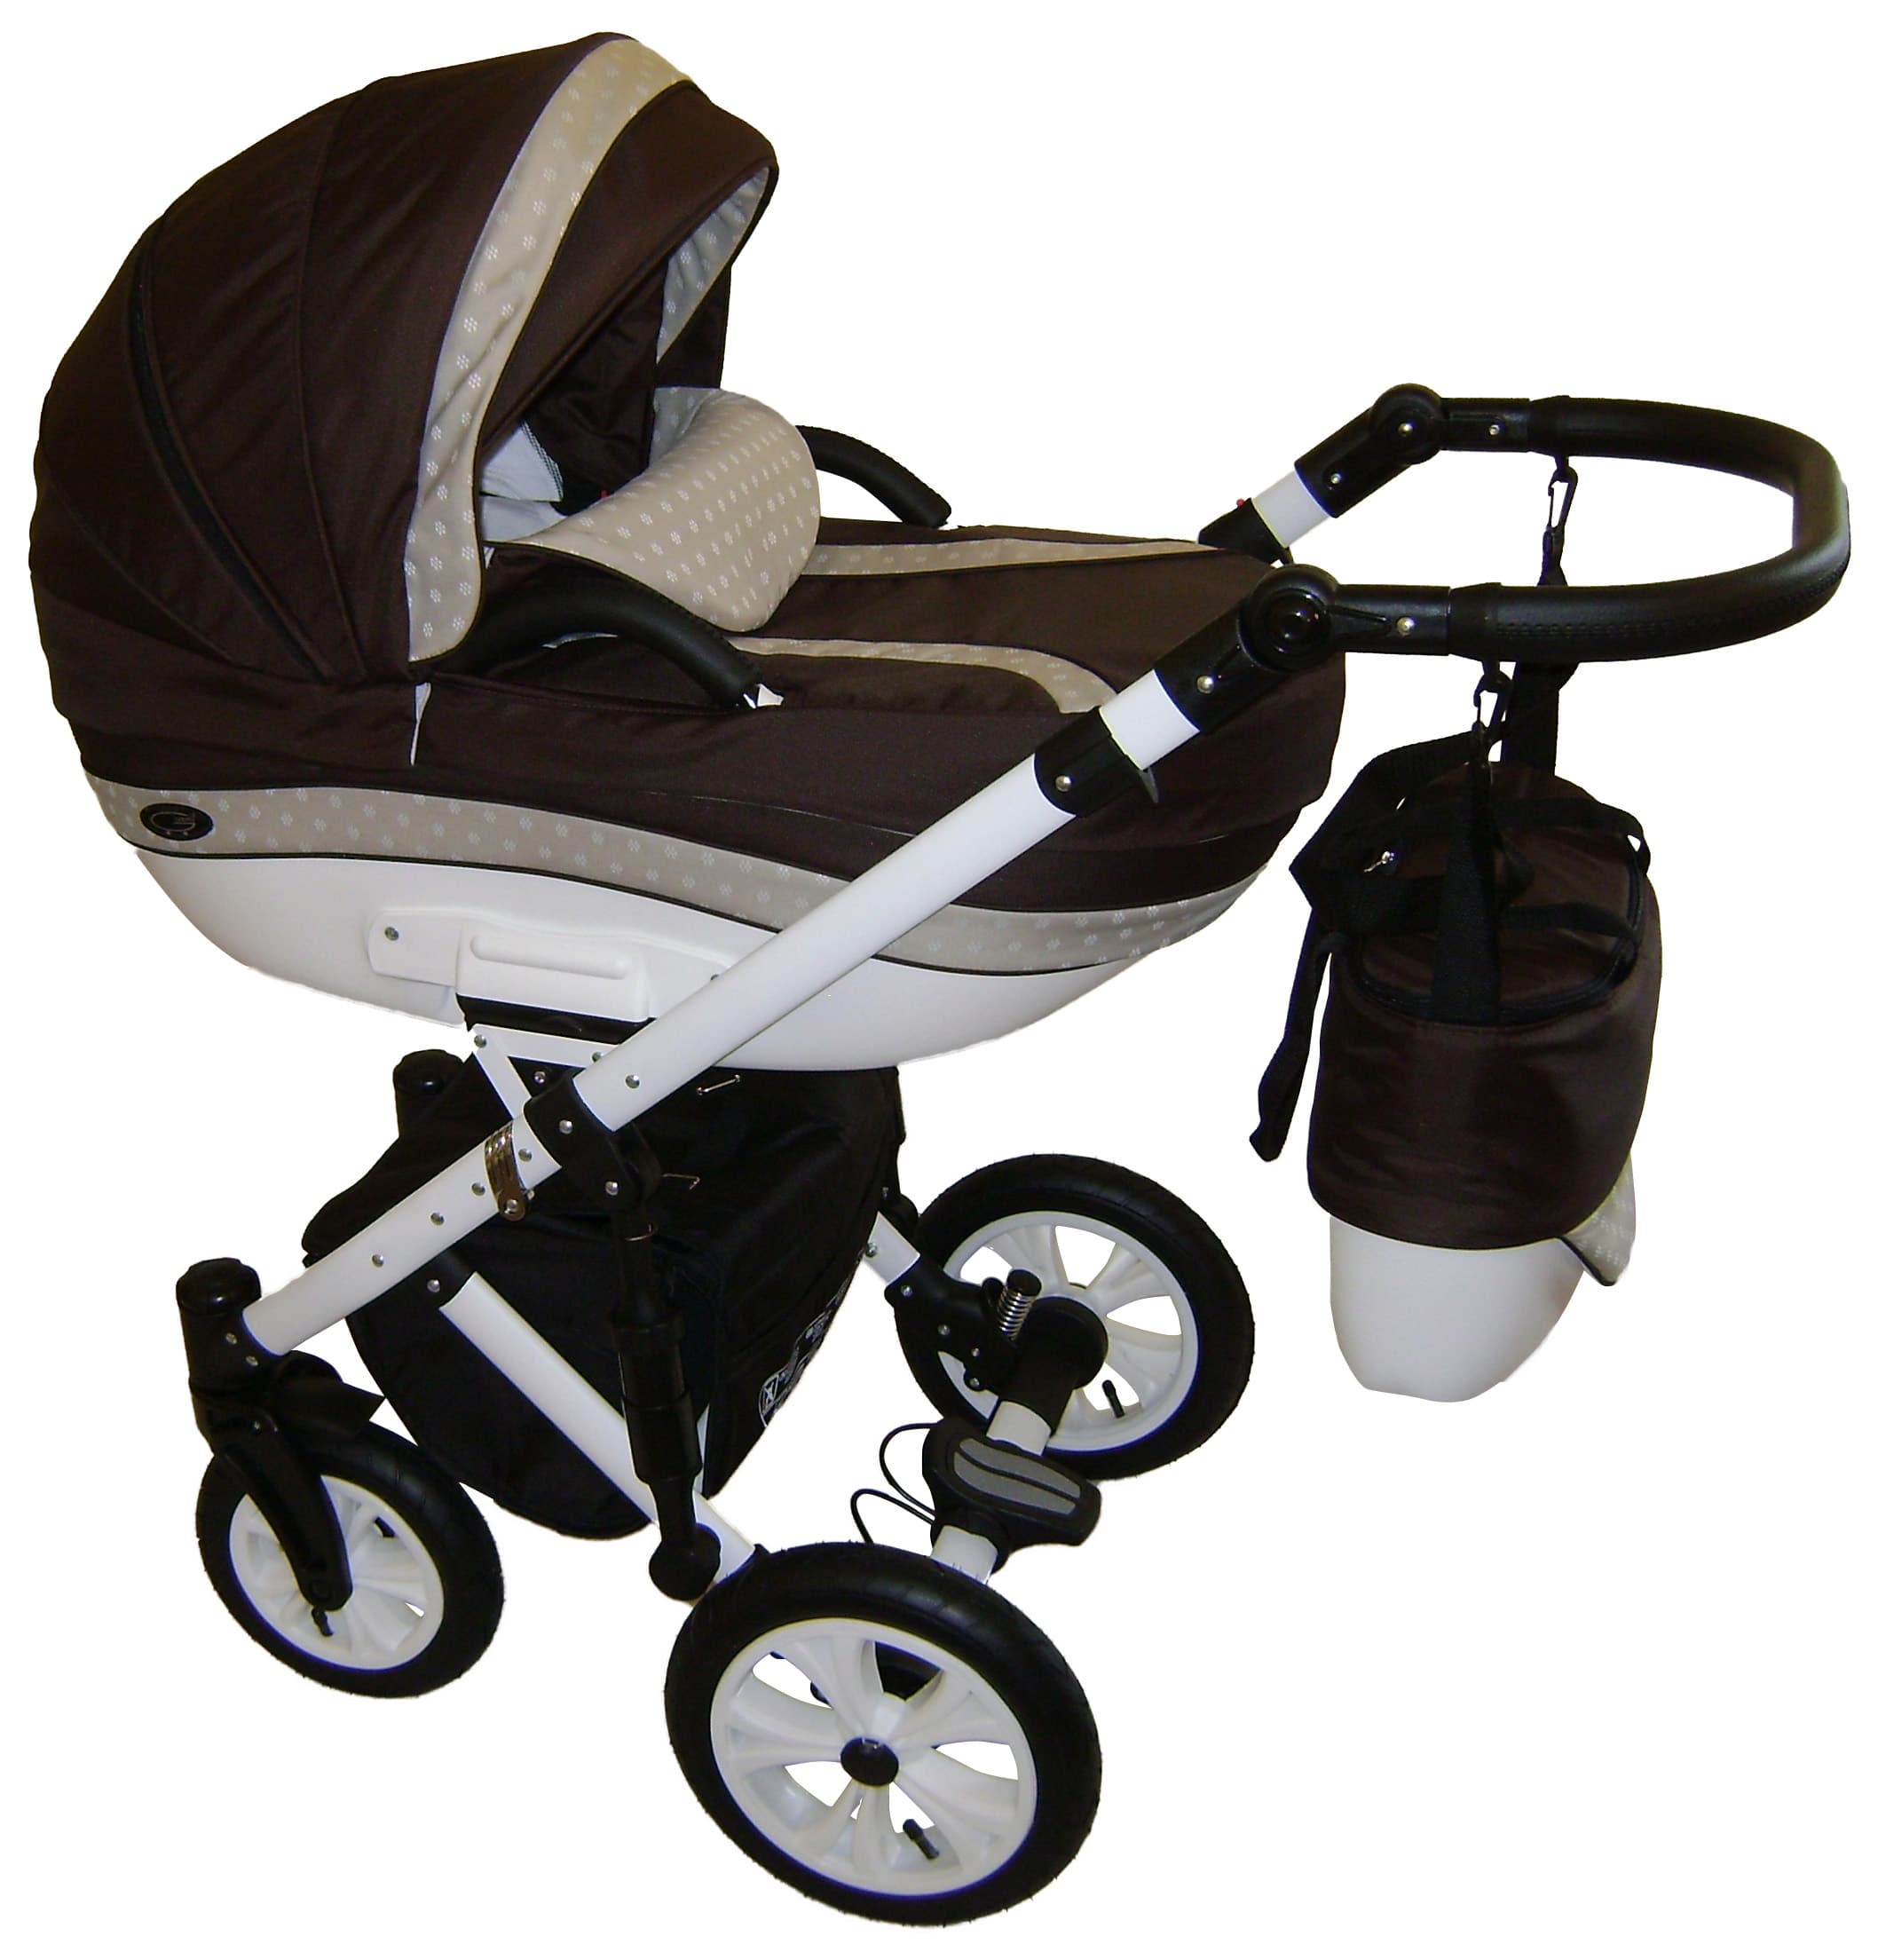 Бебешка количка 2в1 Carrera new цвят: 05